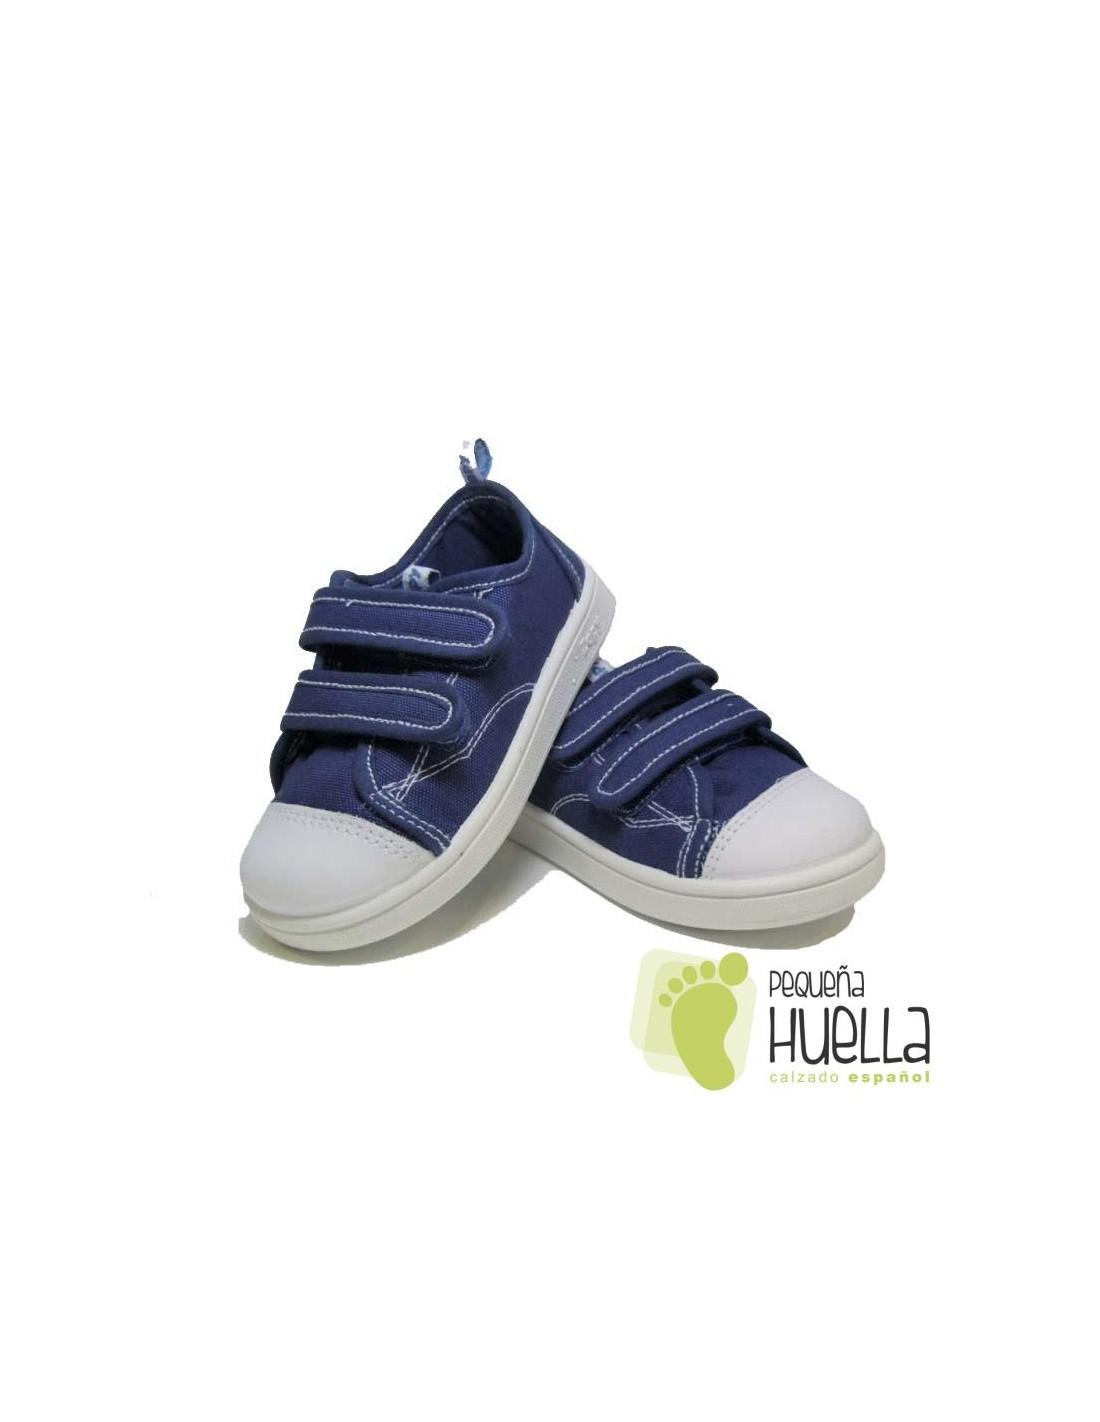 f470472b0 ... Zapatillas Lona azul jeans vaquero tejano playeras bambas con Velcros  para niños y niñas Zapy 528 ...